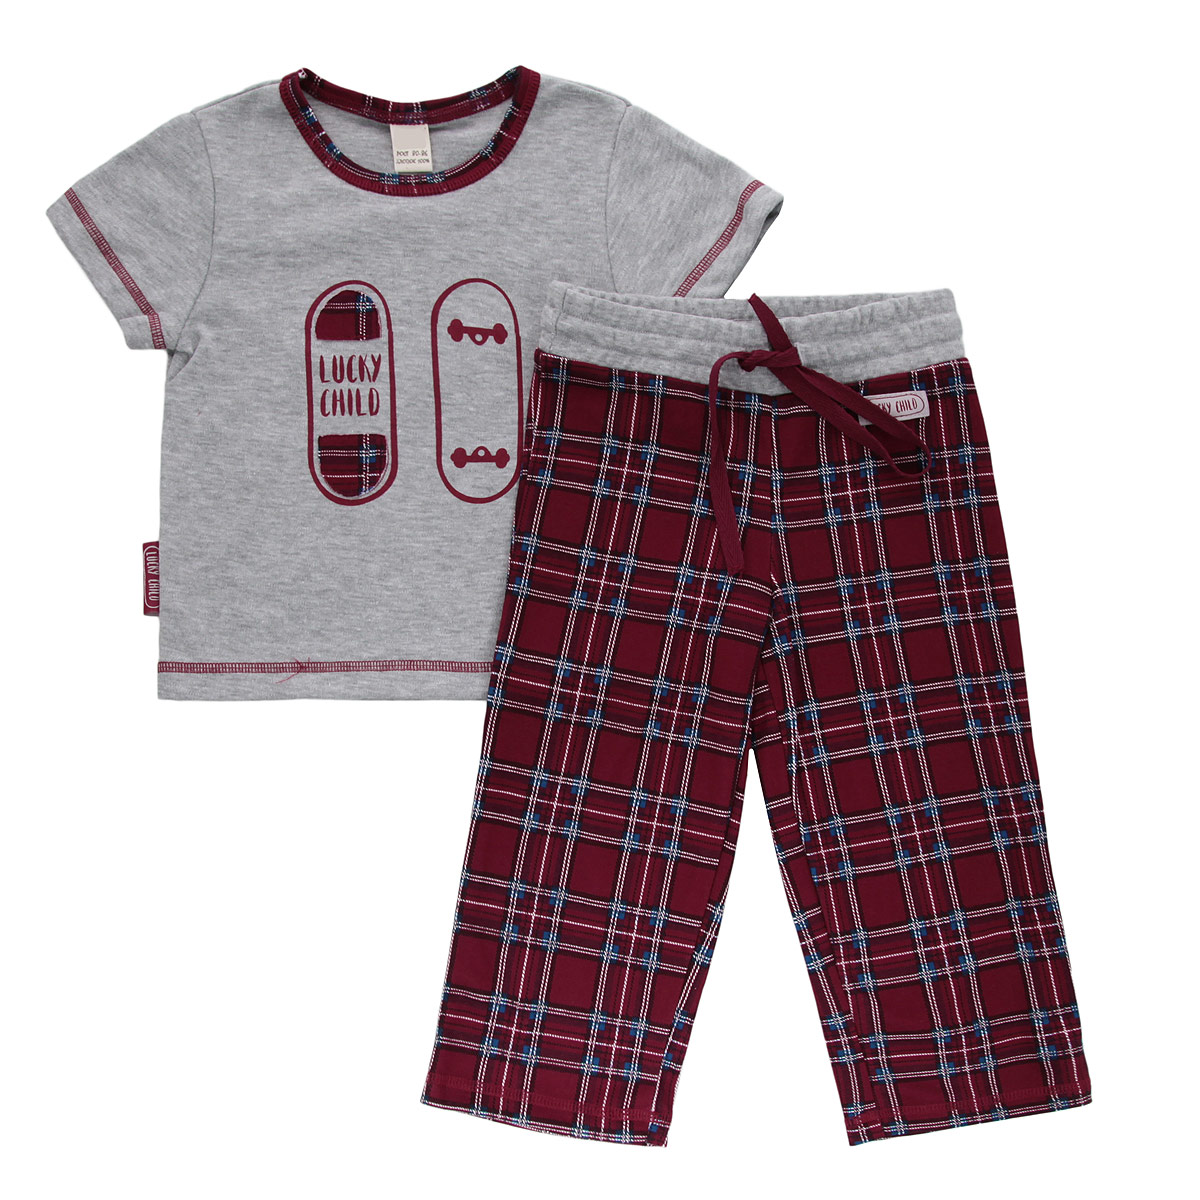 Пижама для мальчика Lucky Child, цвет: красный, серый. 13-402. Размер 116/12213-402Очаровательная пижама для мальчика Lucky Child, состоящая из футболки и брюк, идеально подойдет вашему малышу и станет отличным дополнением к детскому гардеробу. Изготовленная из натурального хлопка - интерлока, она необычайно мягкая и приятная на ощупь, не раздражает нежную кожу ребенка и хорошо вентилируется, а эластичные швы приятны телу малыша и не препятствуют его движениям. Футболка с короткими рукавами и круглым вырезом горловины оформлена спереди оригинальной аппликацией и принтом с изображением скейтборда. Вырез горловины дополнен контрастной бейкой, оформленной принтом в клетку. Низ рукавов и низ модели украшены контрастной фигурной прострочкой. Брюки прямого кроя на талии имеют широкий эластичный пояс со шнурком, благодаря чему они не сдавливают животик ребенка и не сползают. Оформлены брюки принтом в клетку и украшены небольшой нашивкой с названием бренда. Такая пижама идеально подойдет вашему малышу, а мягкие полотна позволят маленькому непоседе комфортно чувствовать себя во время сна!